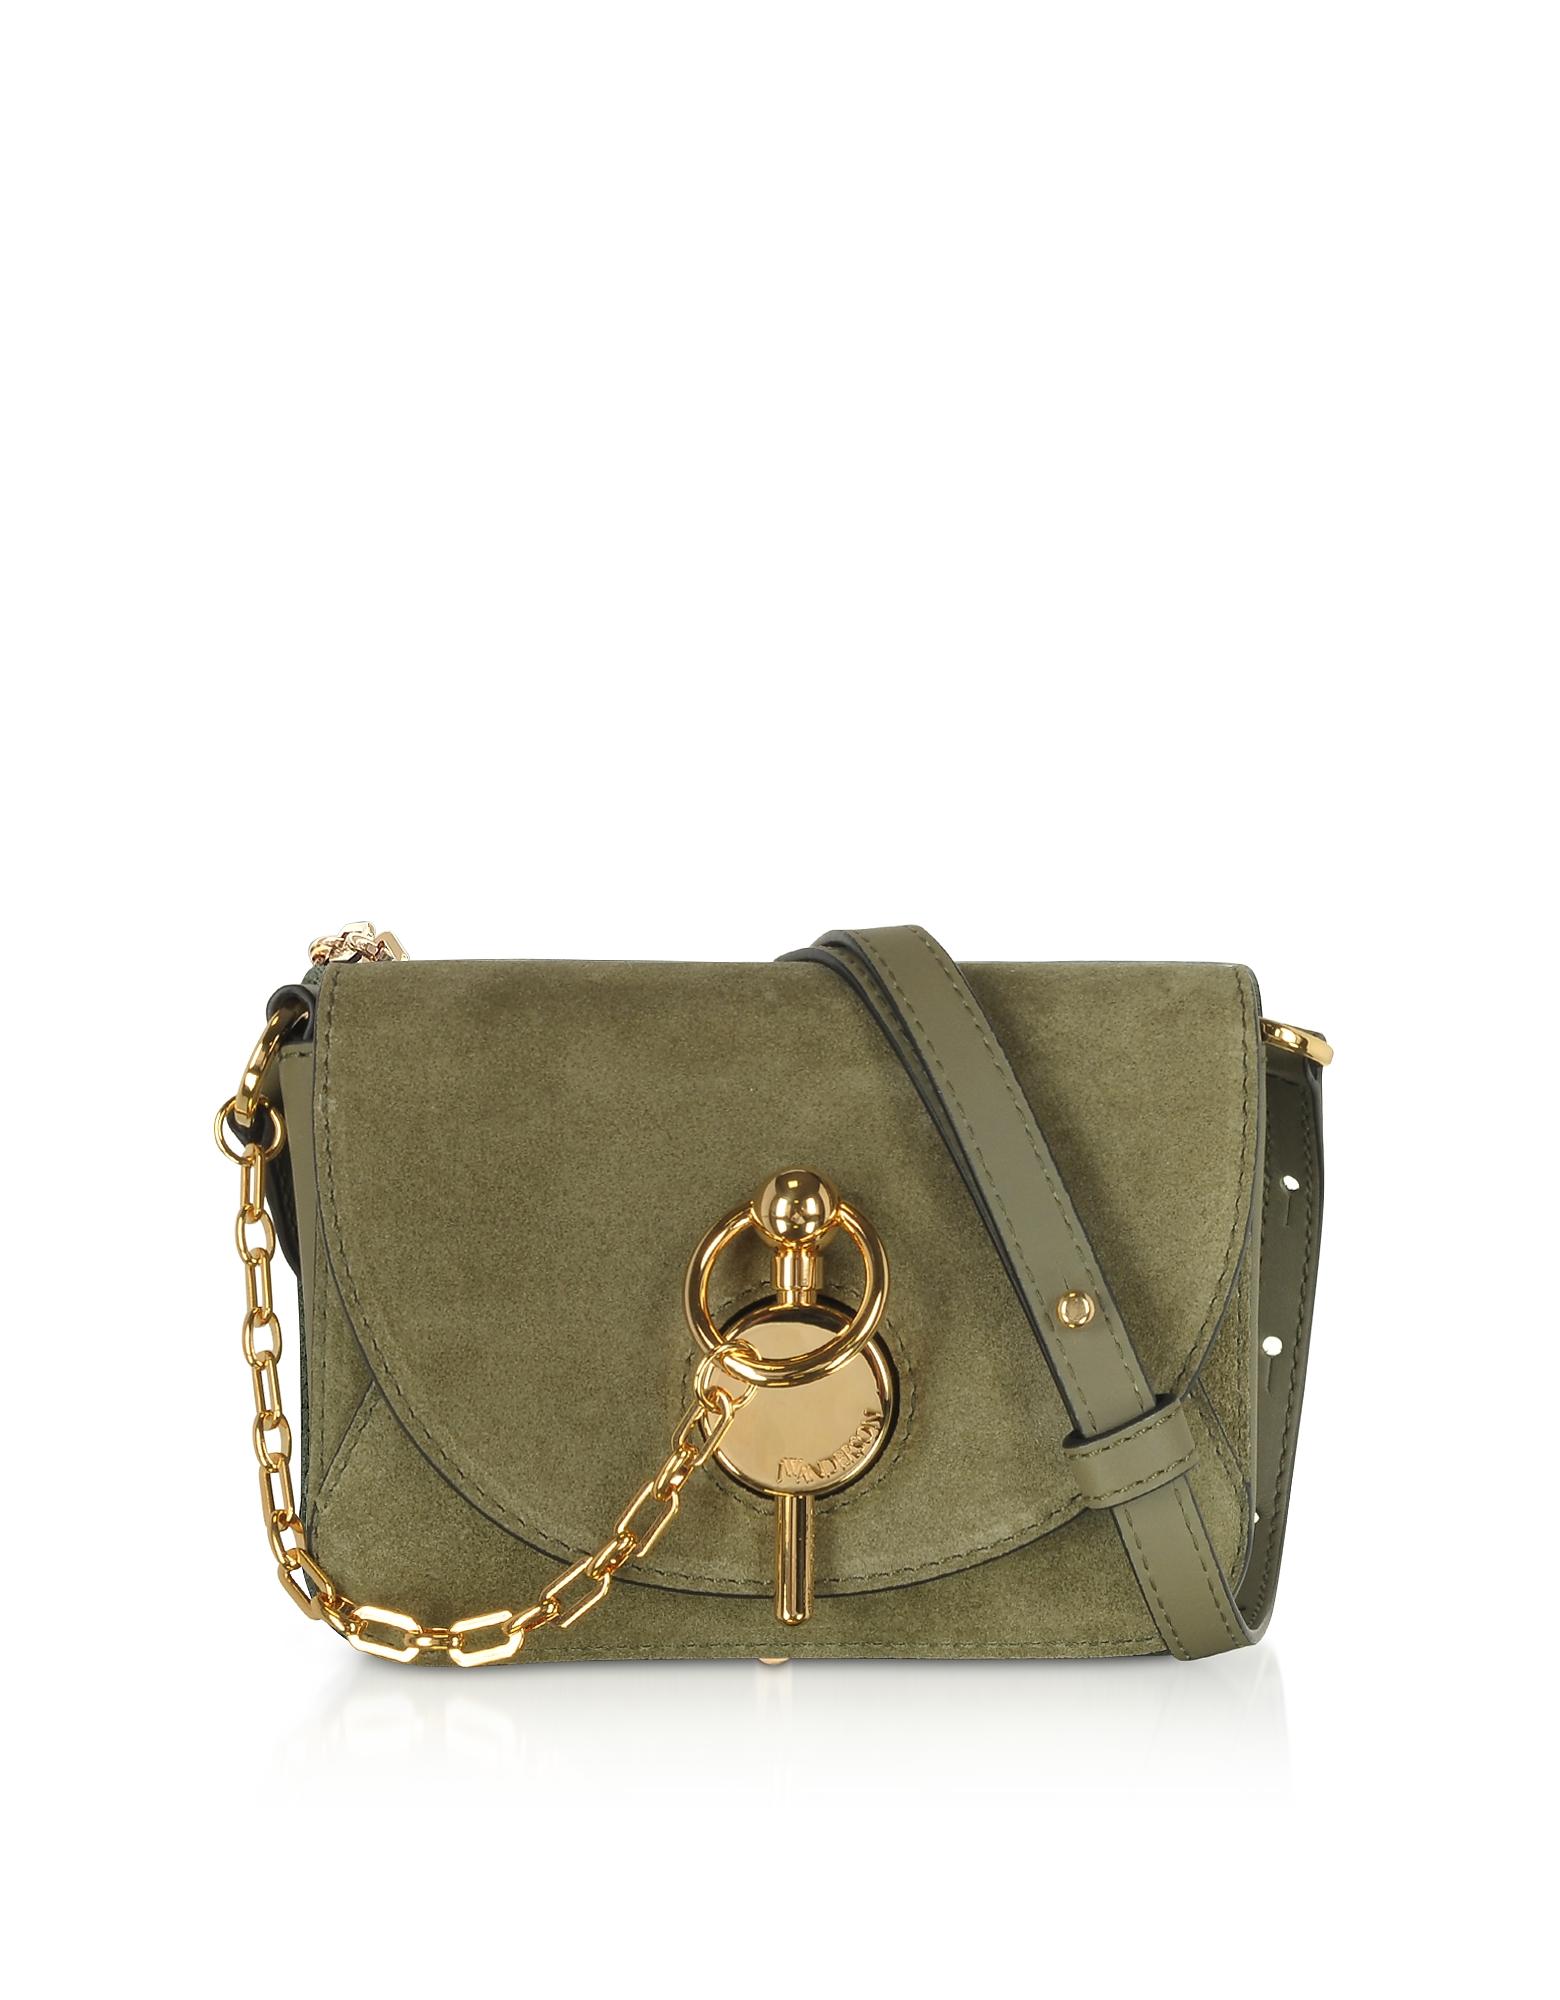 JW Anderson Designer Handbags, Olive Green Suede Nano Keyts Bag